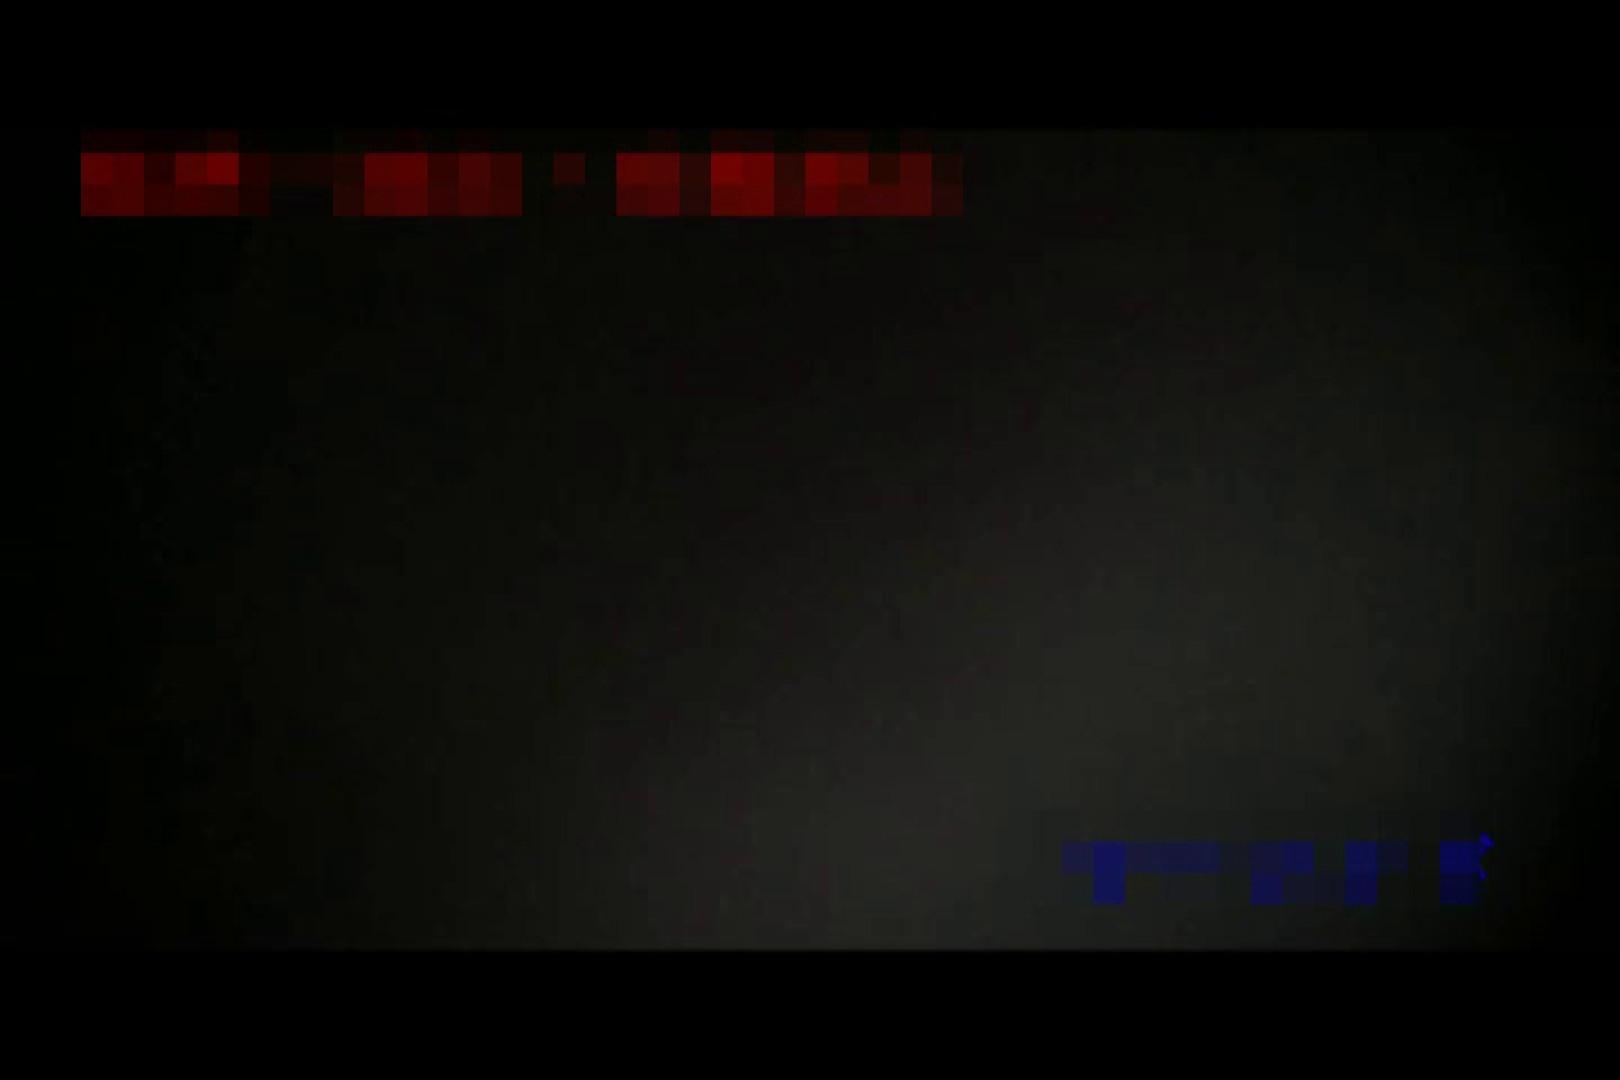 未熟な珊瑚礁 vol.29 名作 オマンコ動画キャプチャ 103pic 90